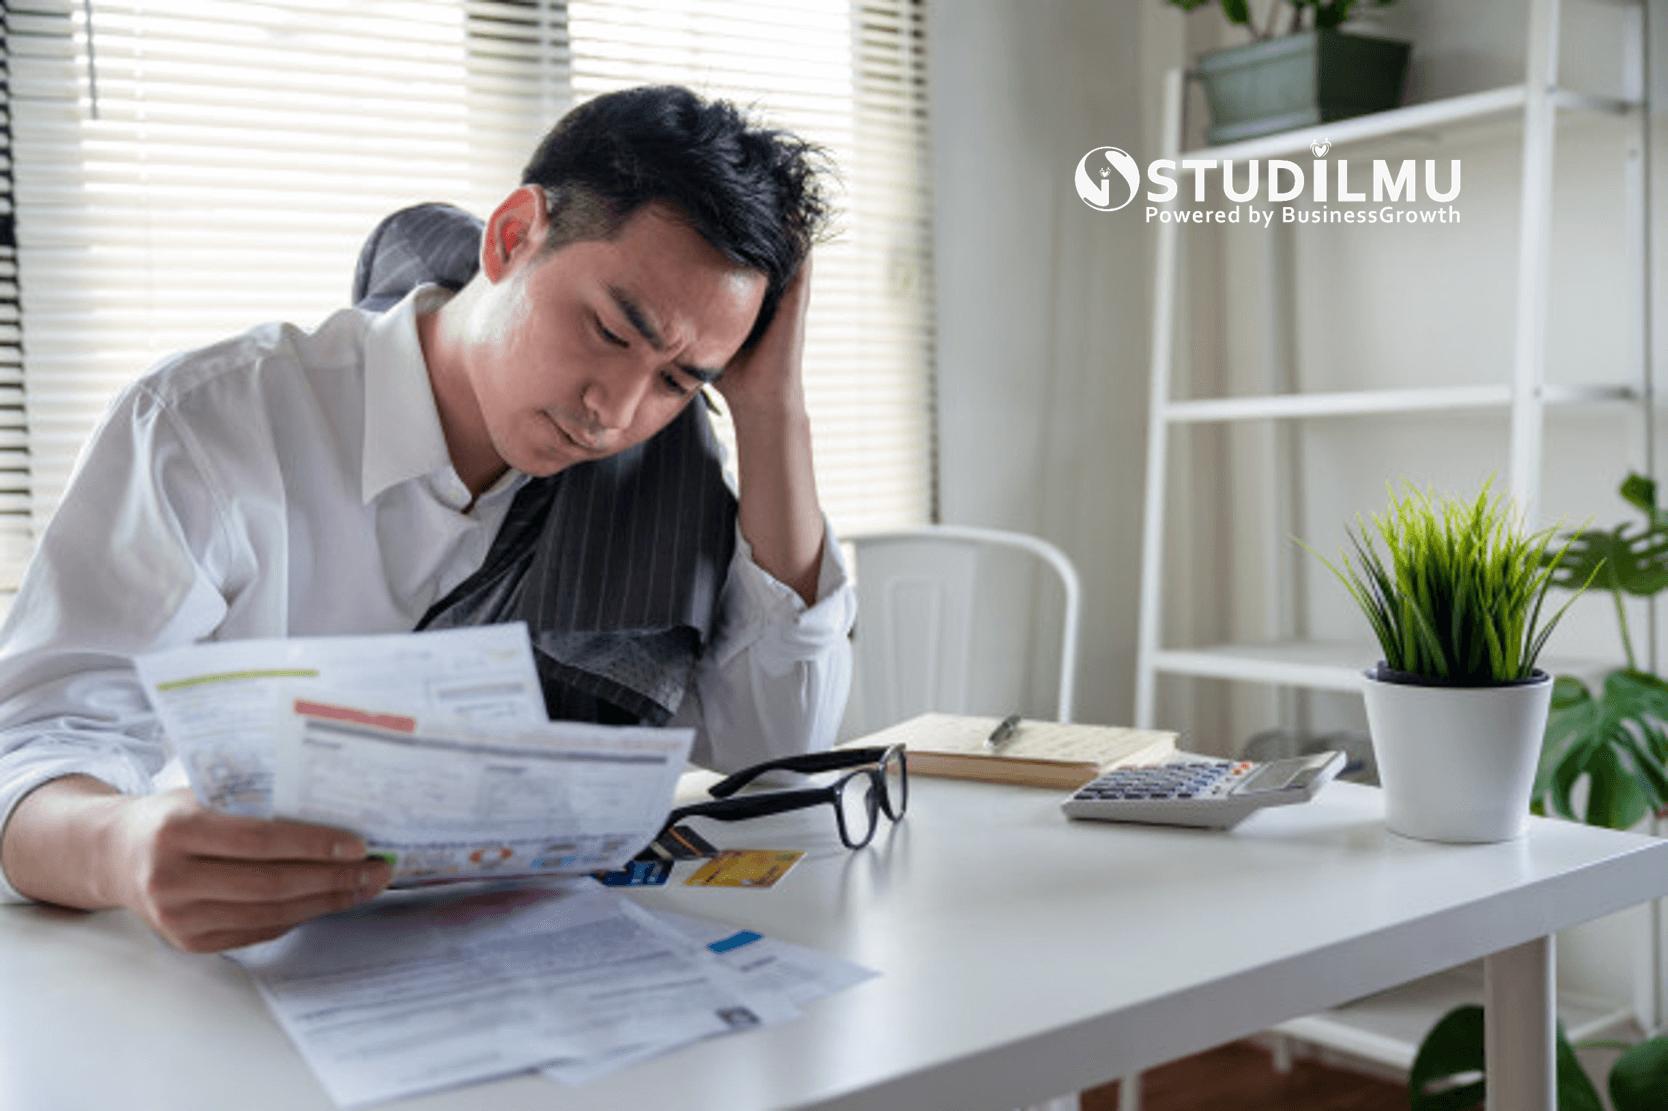 STUDILMU Career Advice - Bagaimana Cara Tetap Merasa Bahagia Walau Tanpa Uang Banyak?